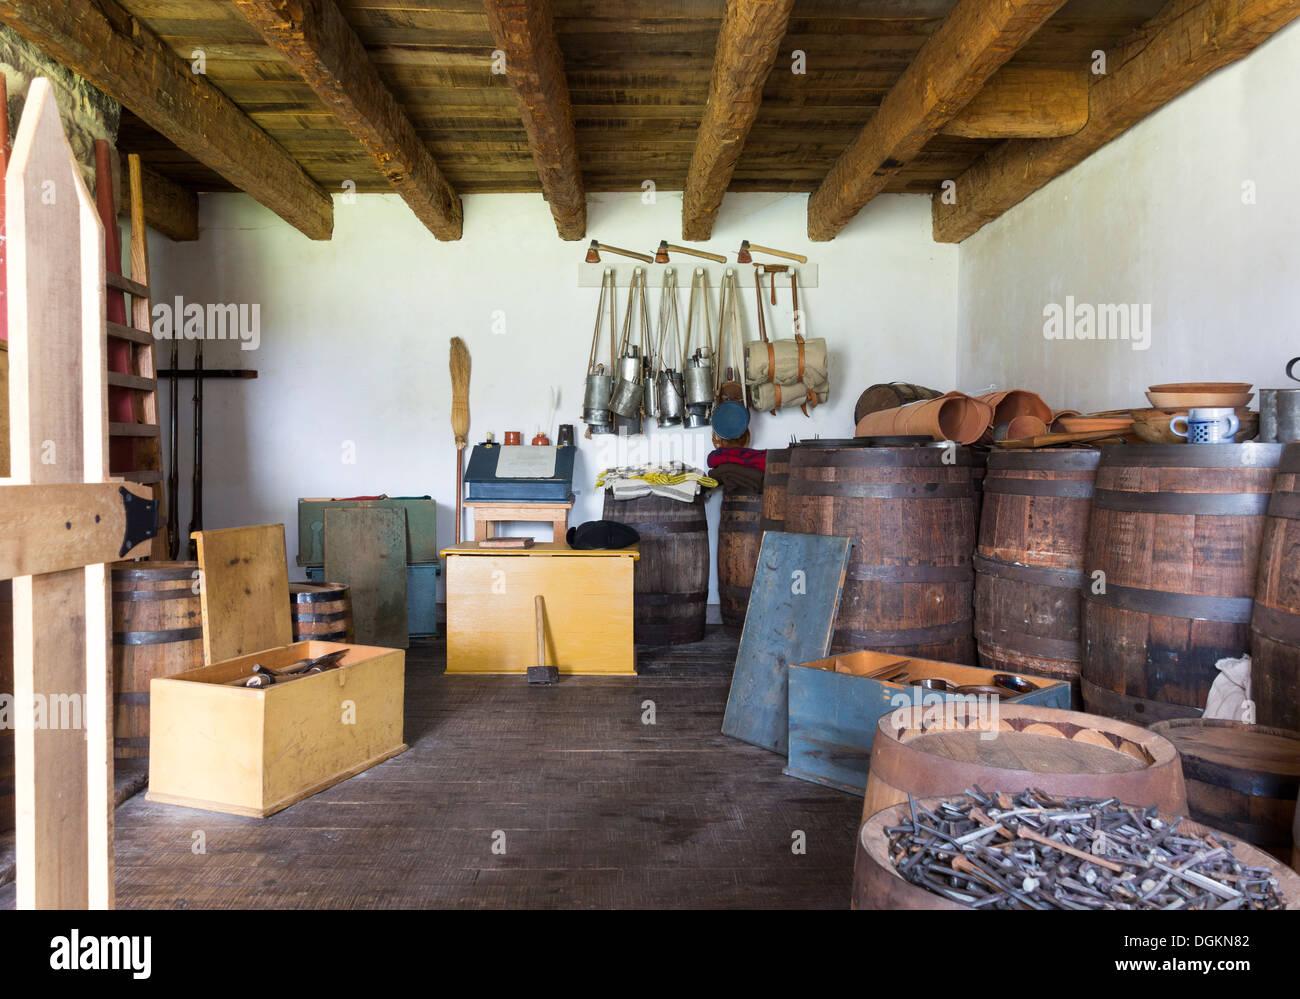 Archiviare archiviazione gun powder room di Fort Frederick Maryland come in francese Indian; la guerra rivoluzionaria americana di indipendenza Immagini Stock